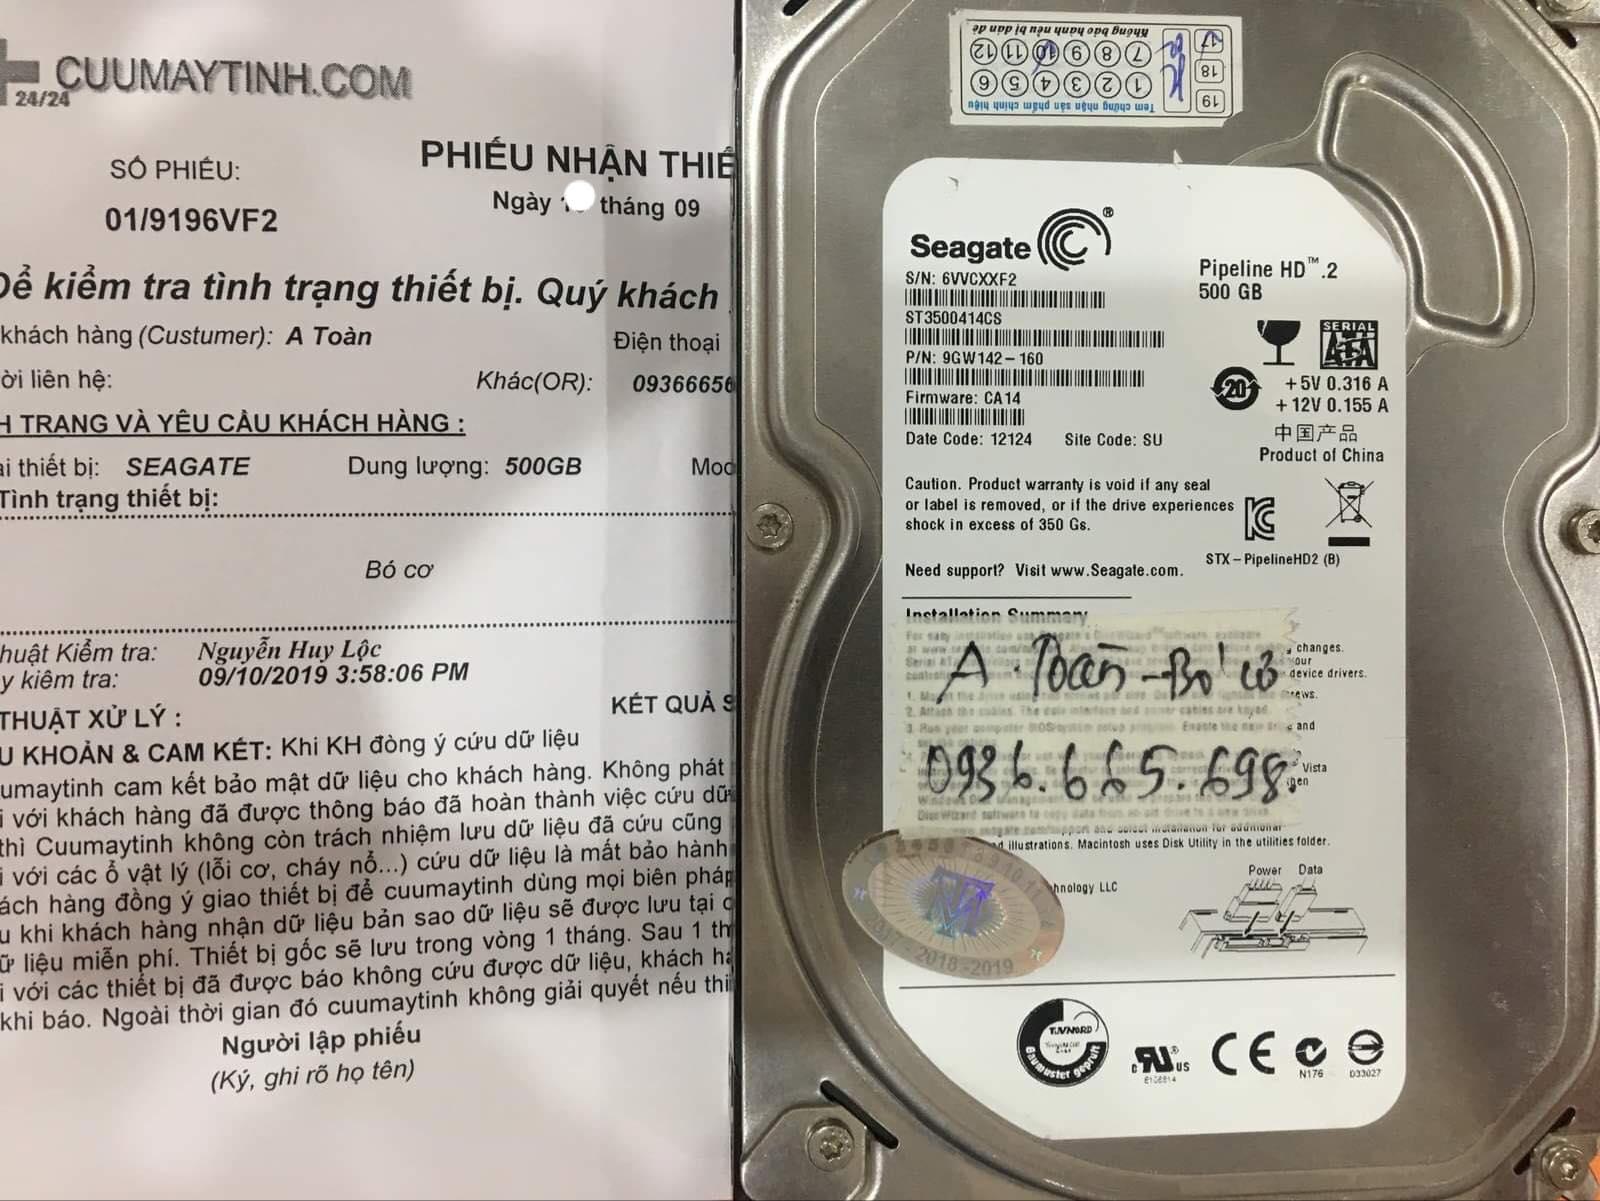 Phục hồi dữ liệu ổ cứng Seagate 500GB bó cơ 17/09/2019 - cuumaytinh